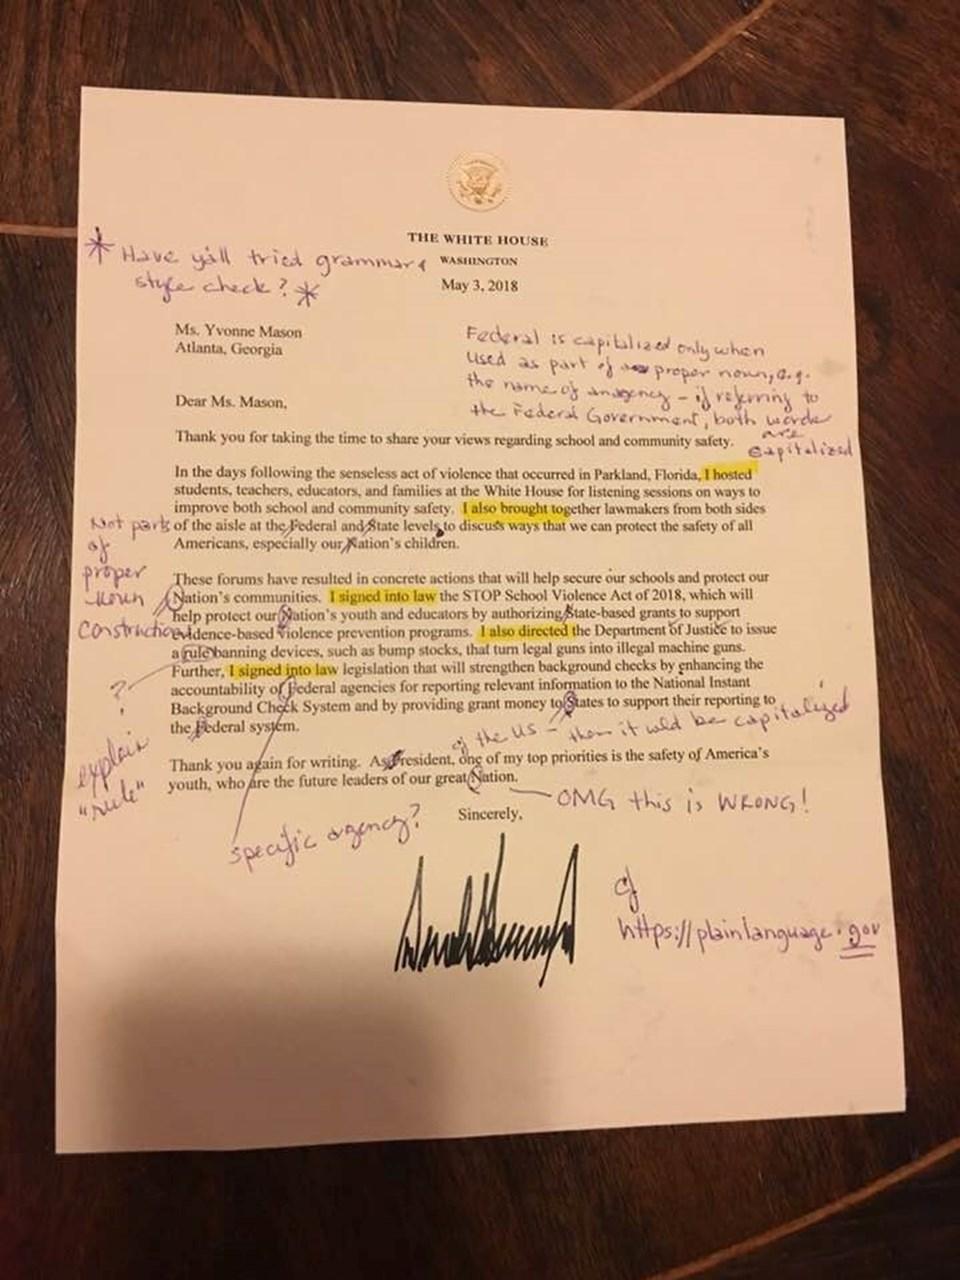 ABD Başkanı Domald Trump'ın emekli öğretmen Yvonna Mason tarafından değerlendirilen mektubu sosyal medyada büyük ilgi gördü.